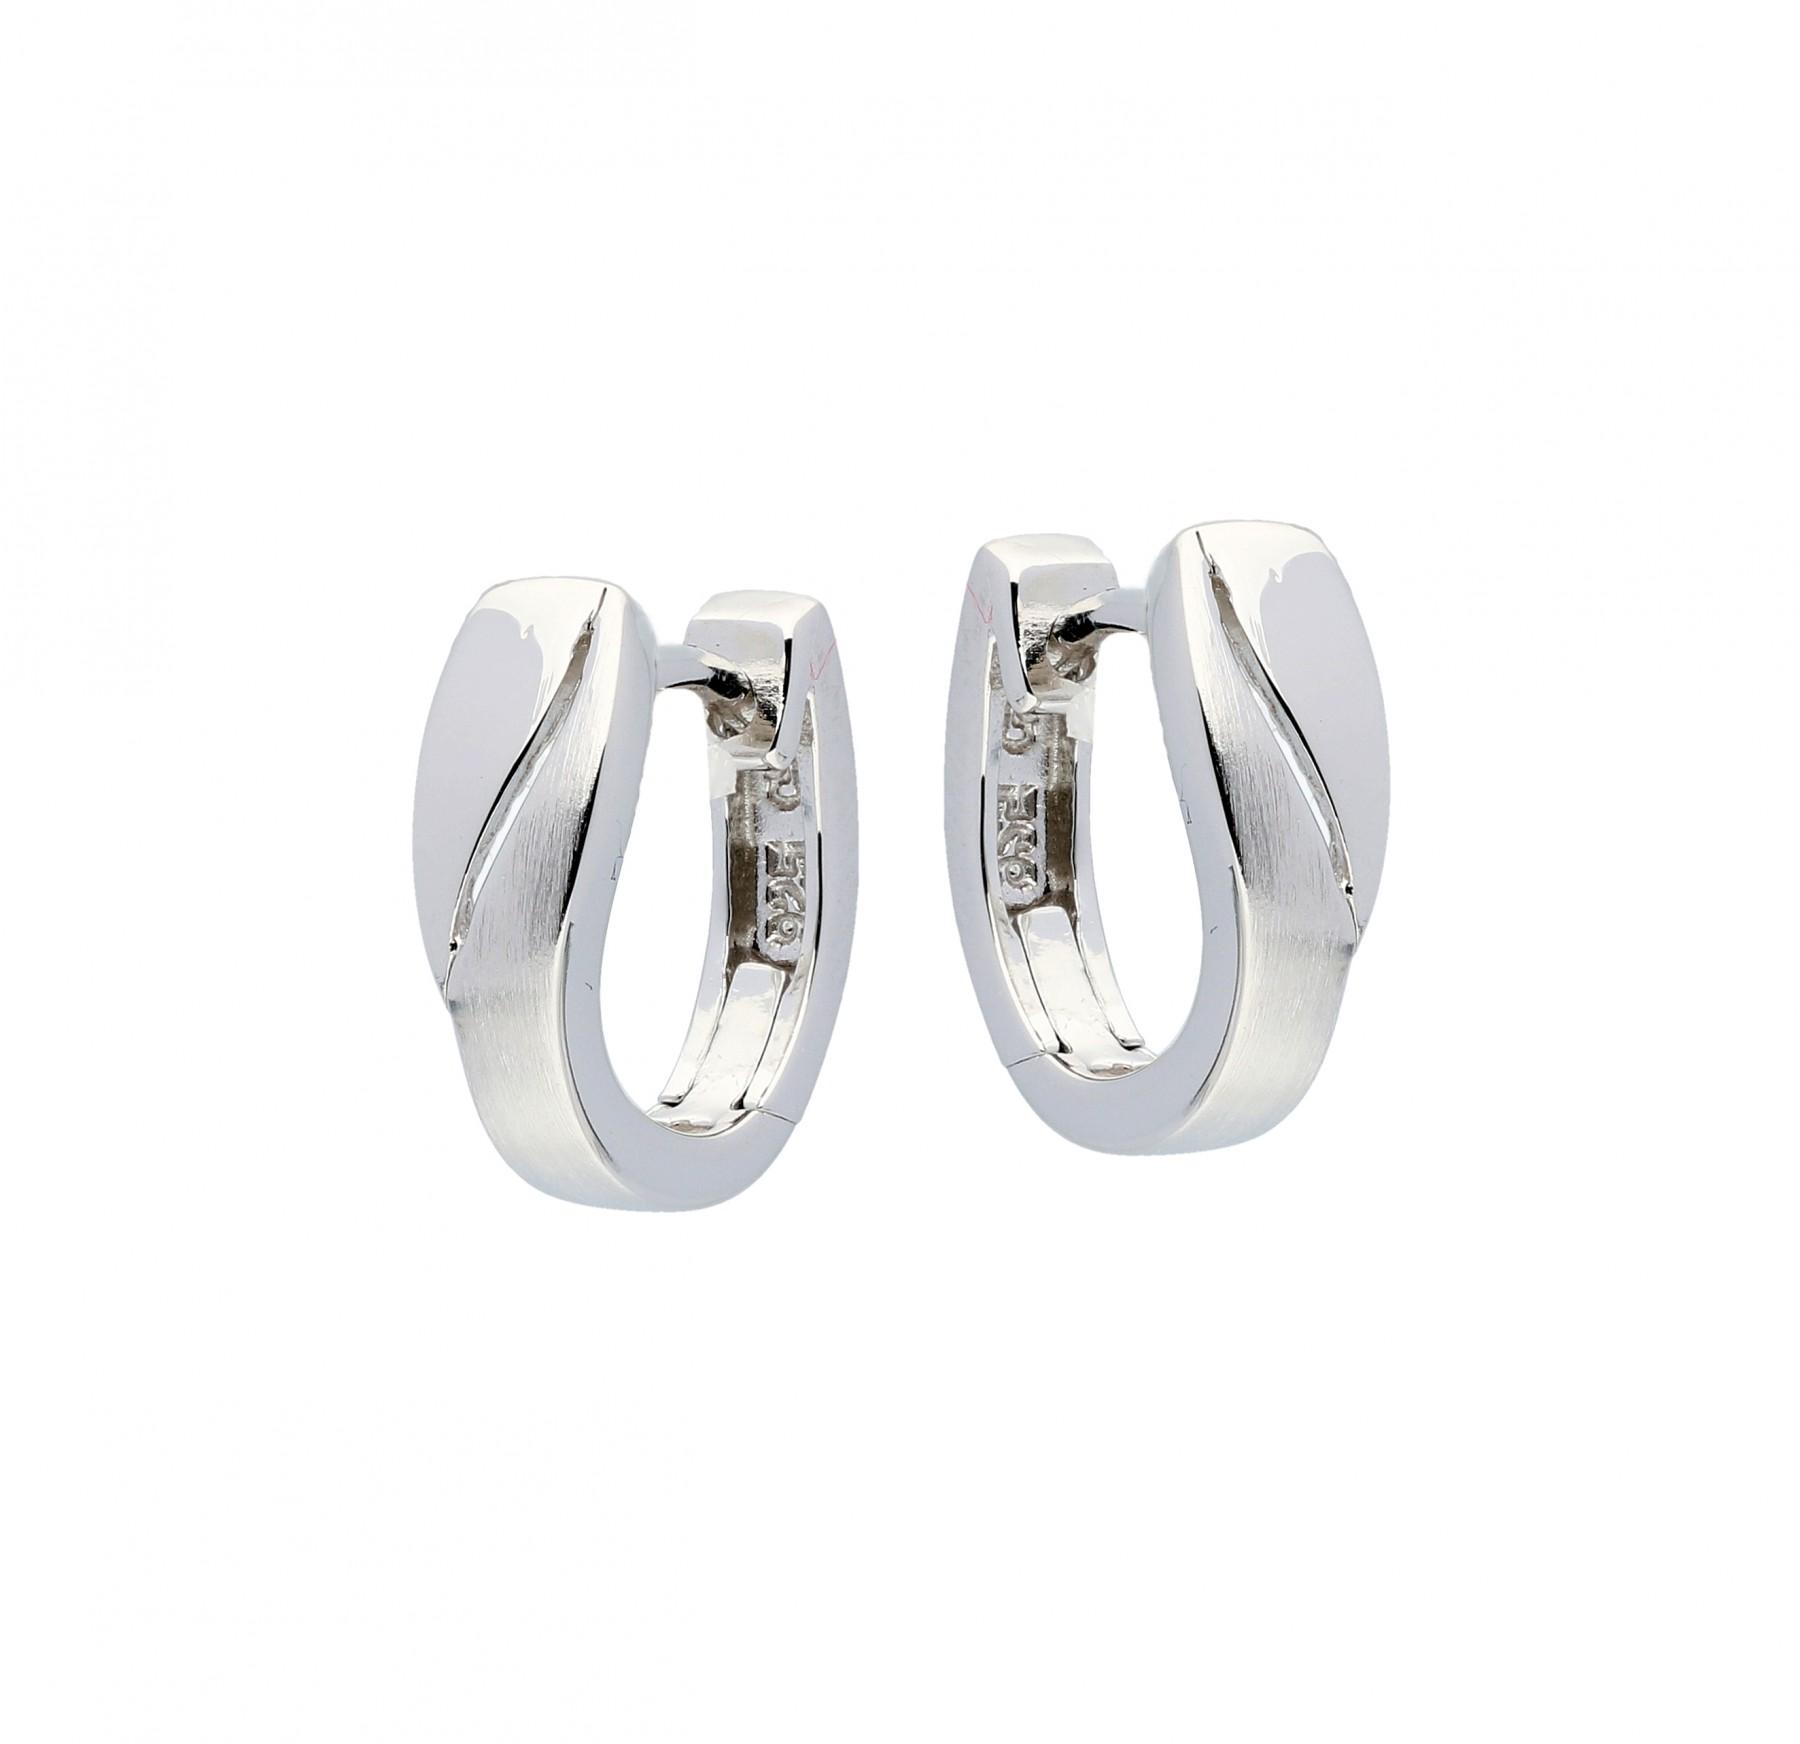 Zilveren klapcreolen - mat glanzend  107.6300.00